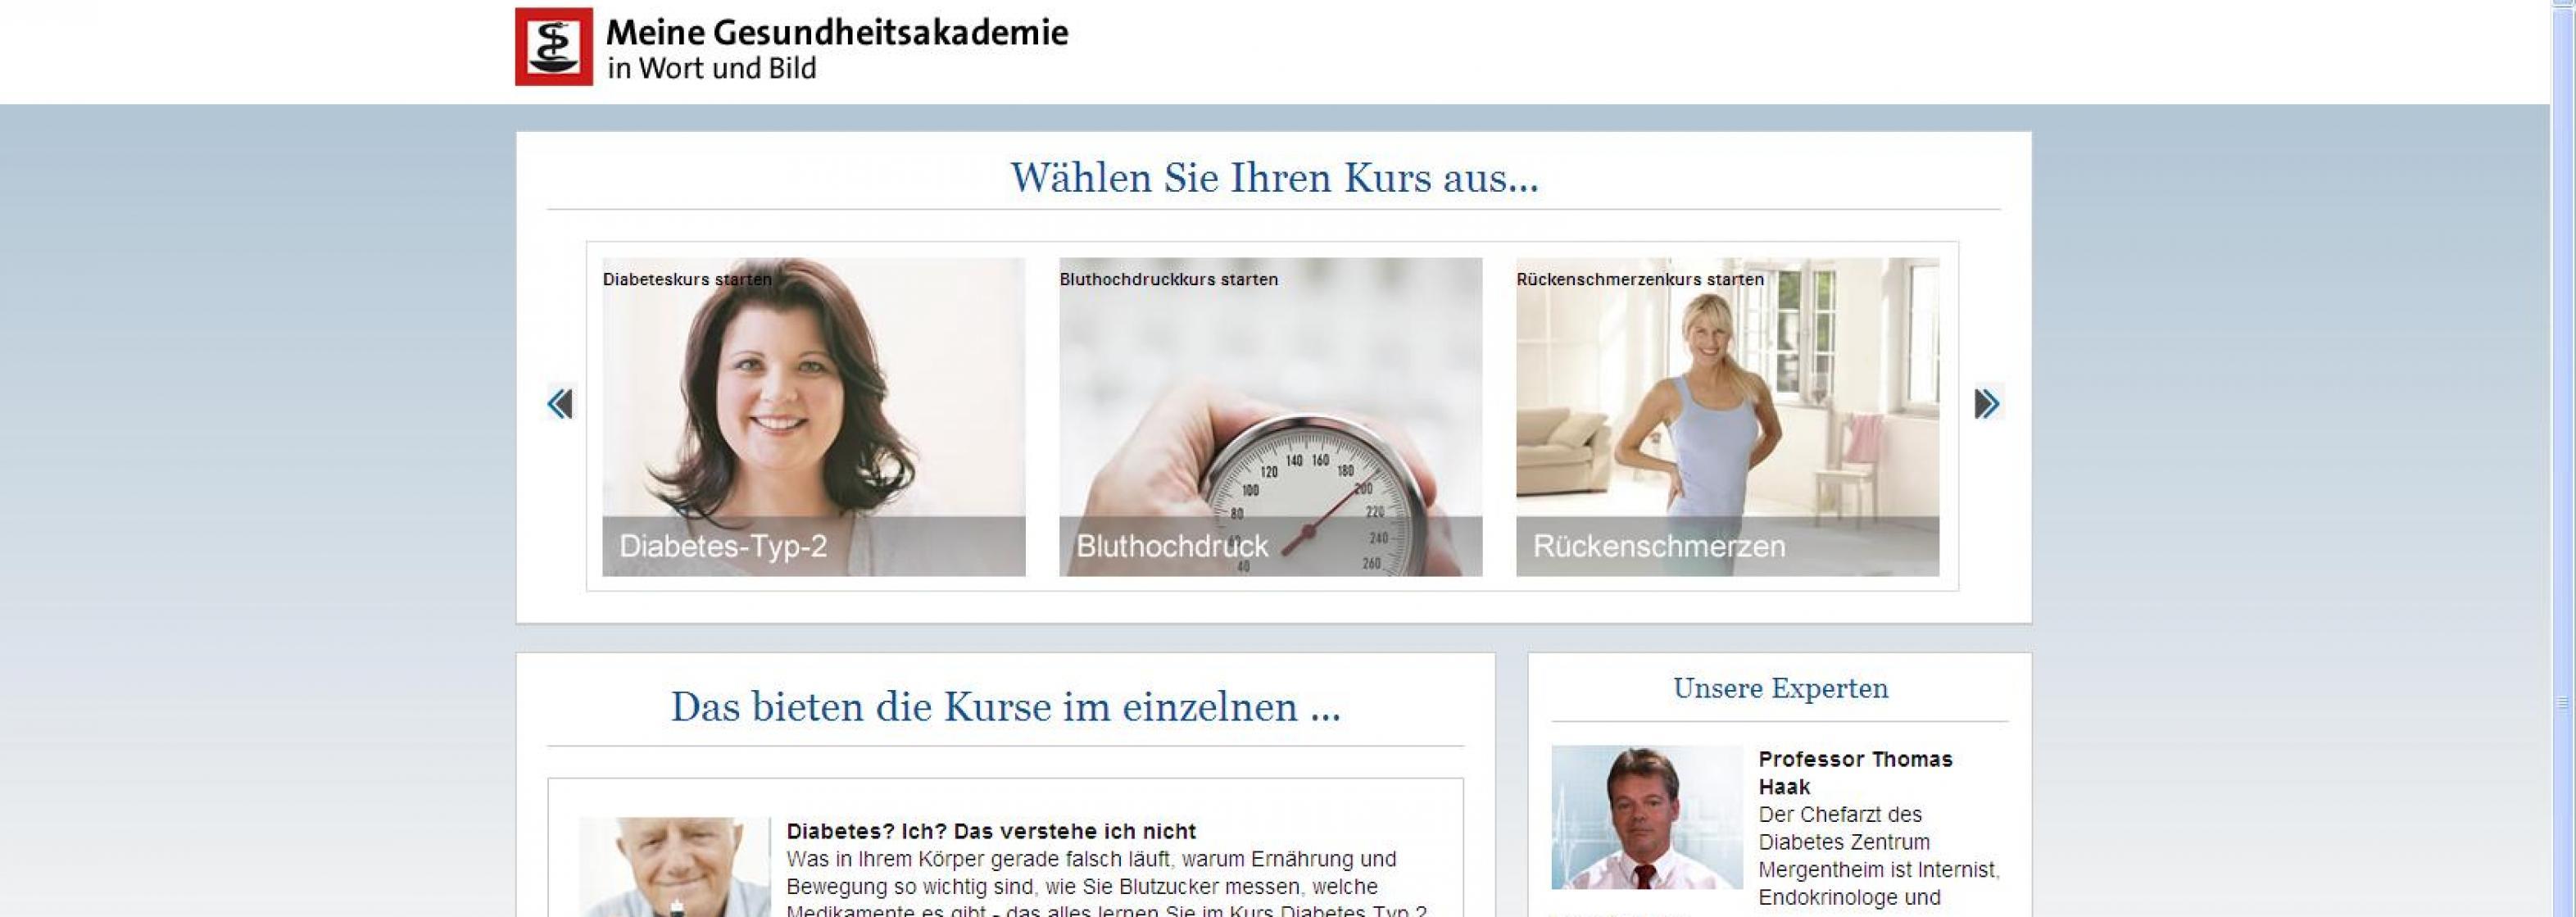 Meine Gesundheitsakademie Lernportal Screenshot